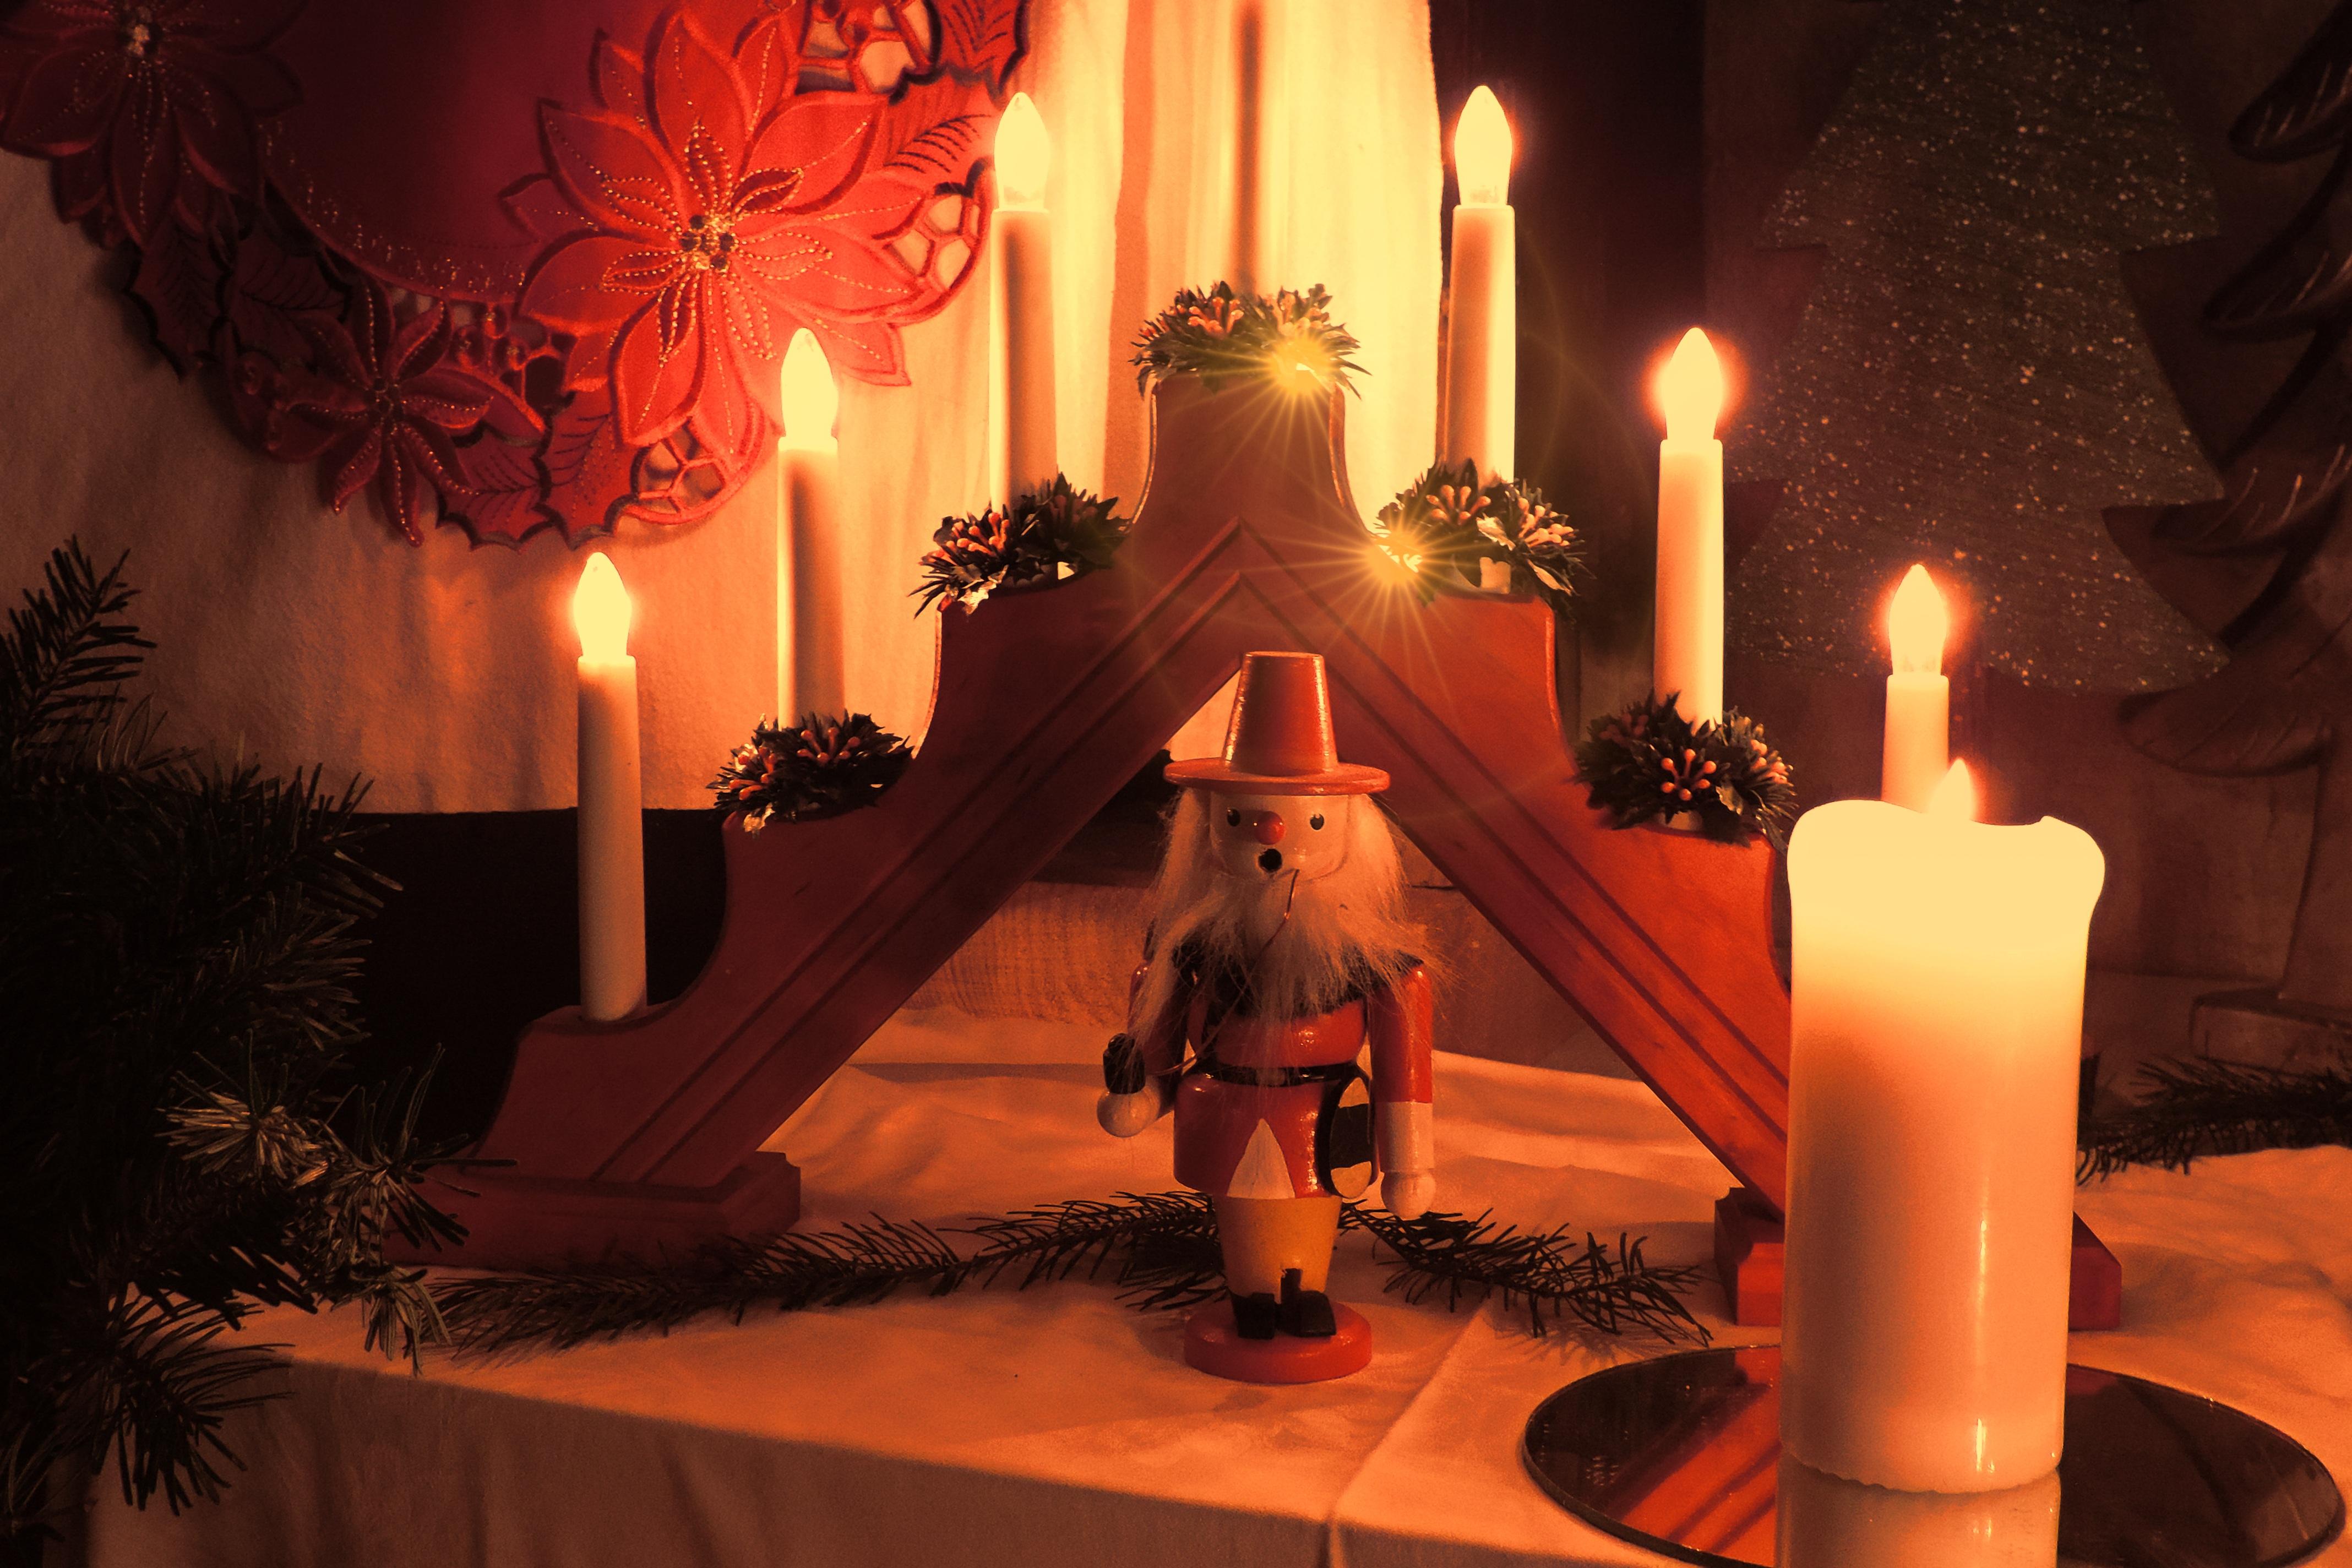 Kostenlose foto : Winter, Licht, Dekoration, Weihnachten ...